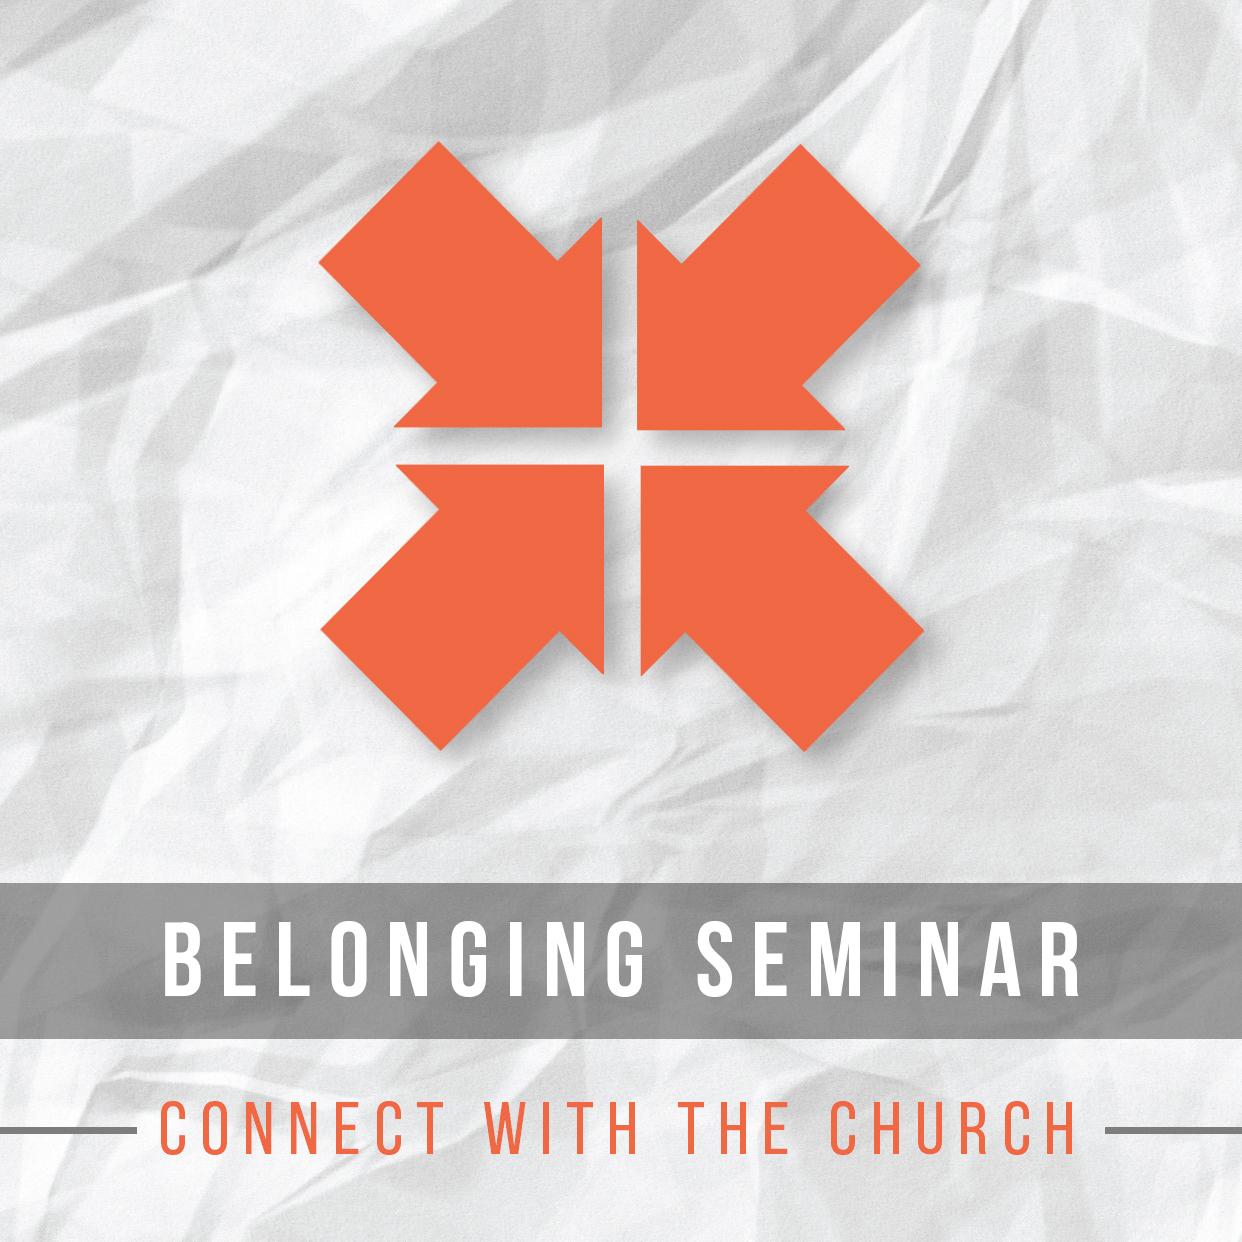 Belonging seminar color corrected